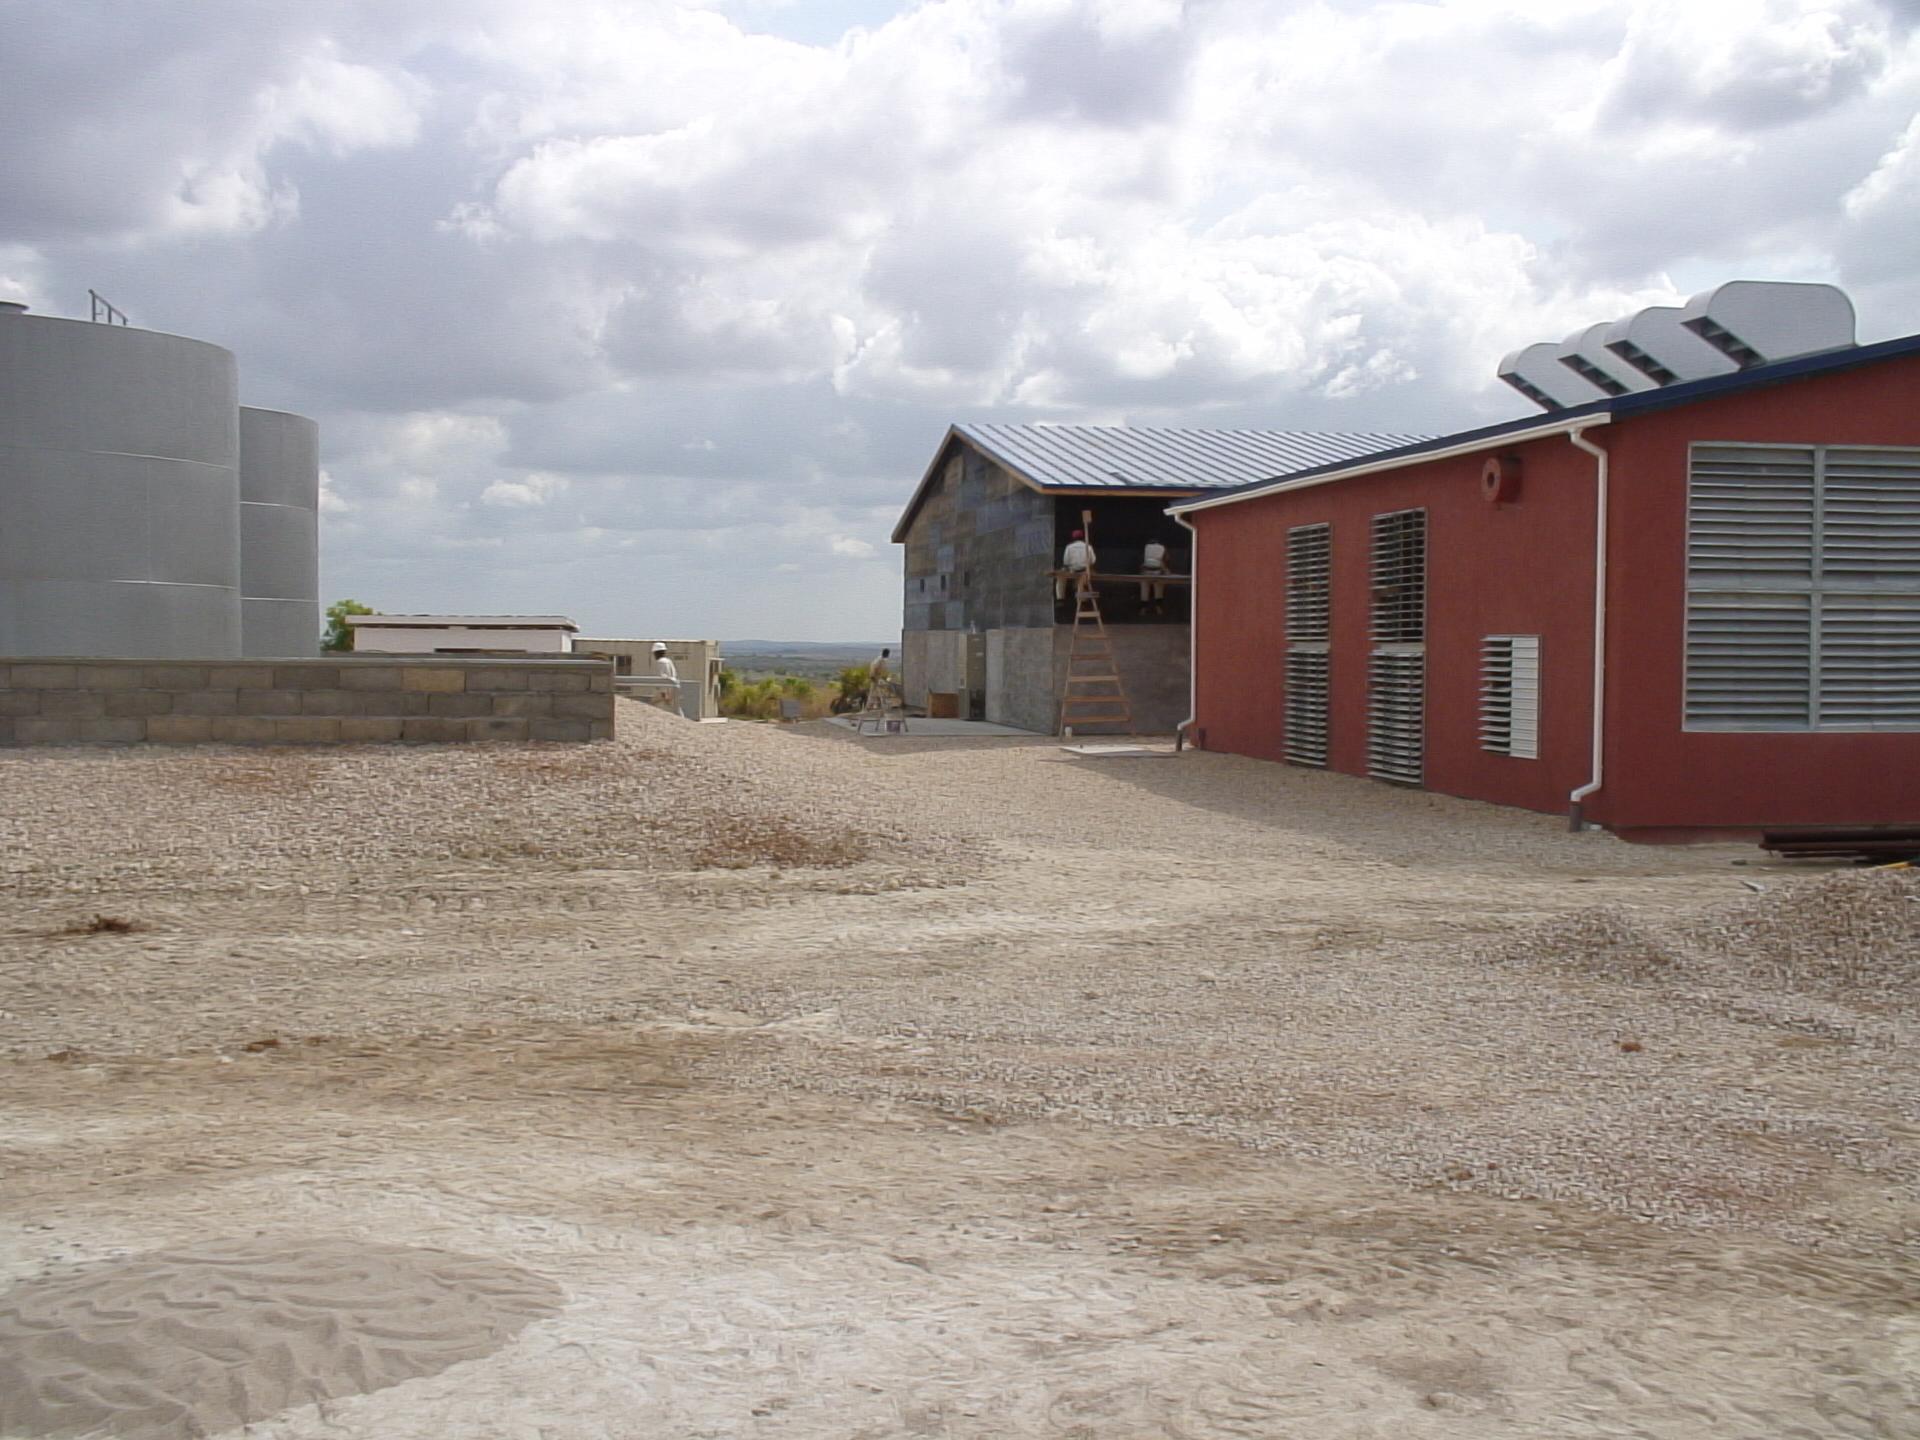 Прогресс стройки налицо. Слева - емкости для дизельного топлива.